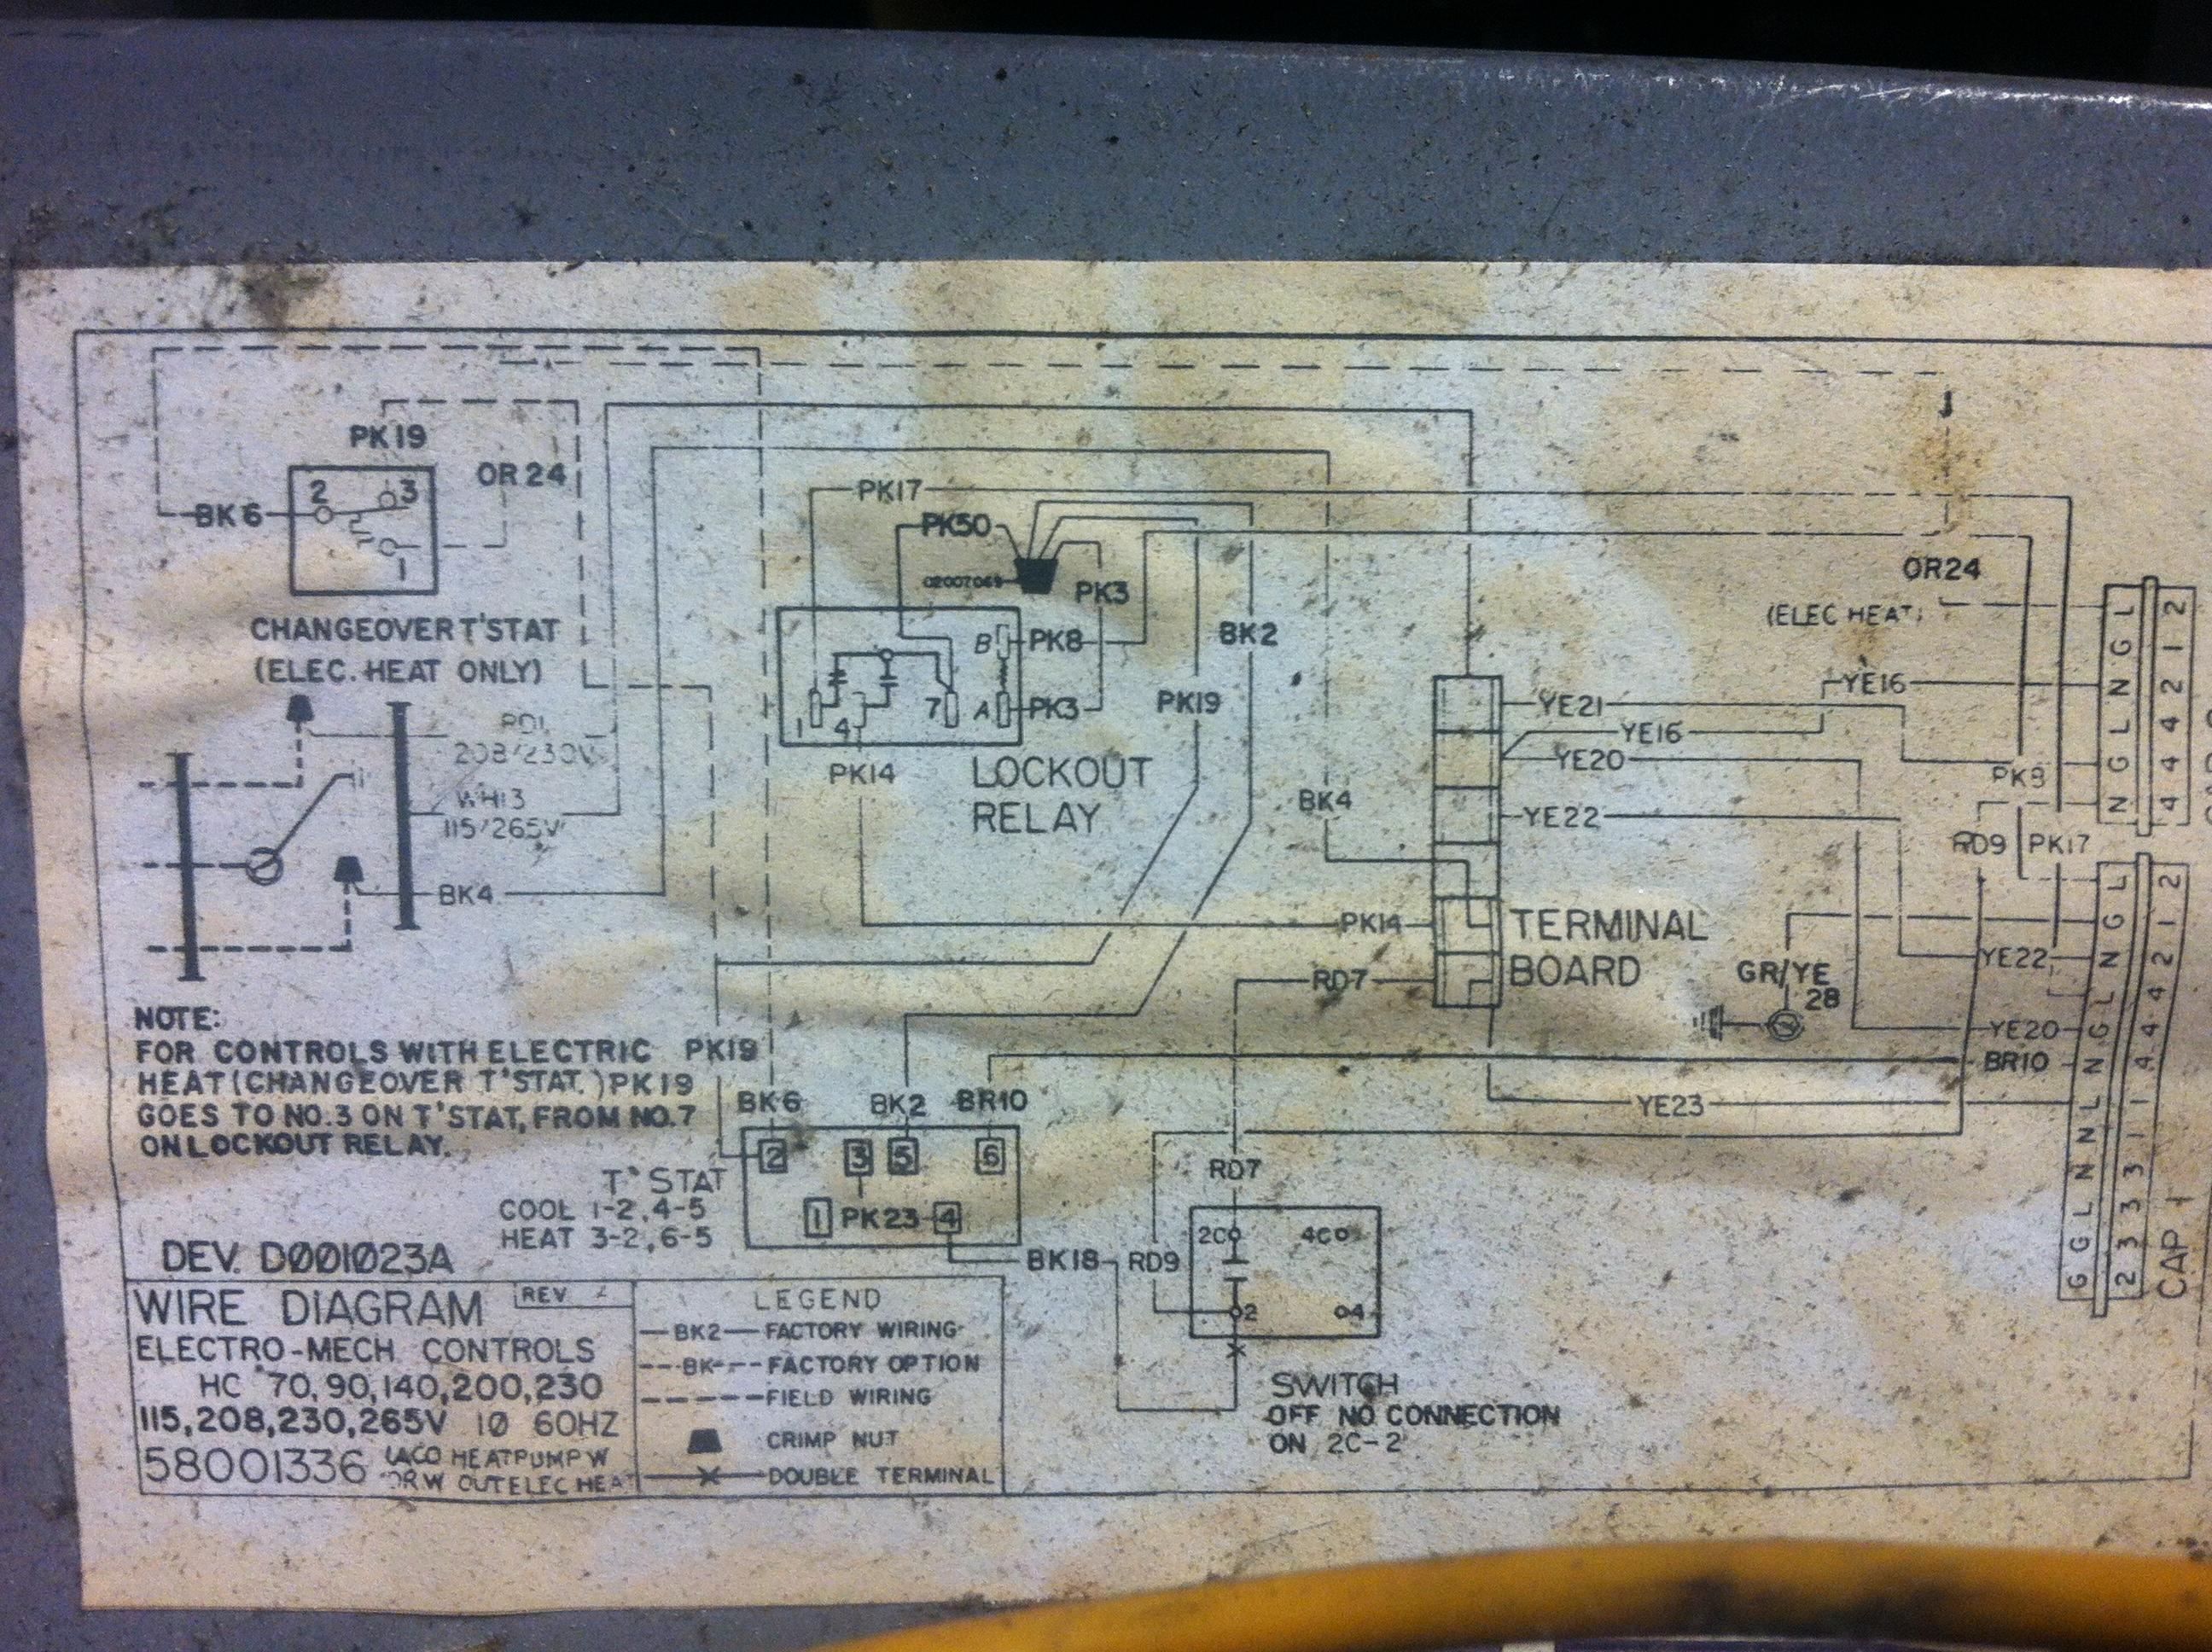 islandaire wiring diagrams wiring source u2022 rh nonprofit solutions co Islandaire Complaints Islandaire Complaints